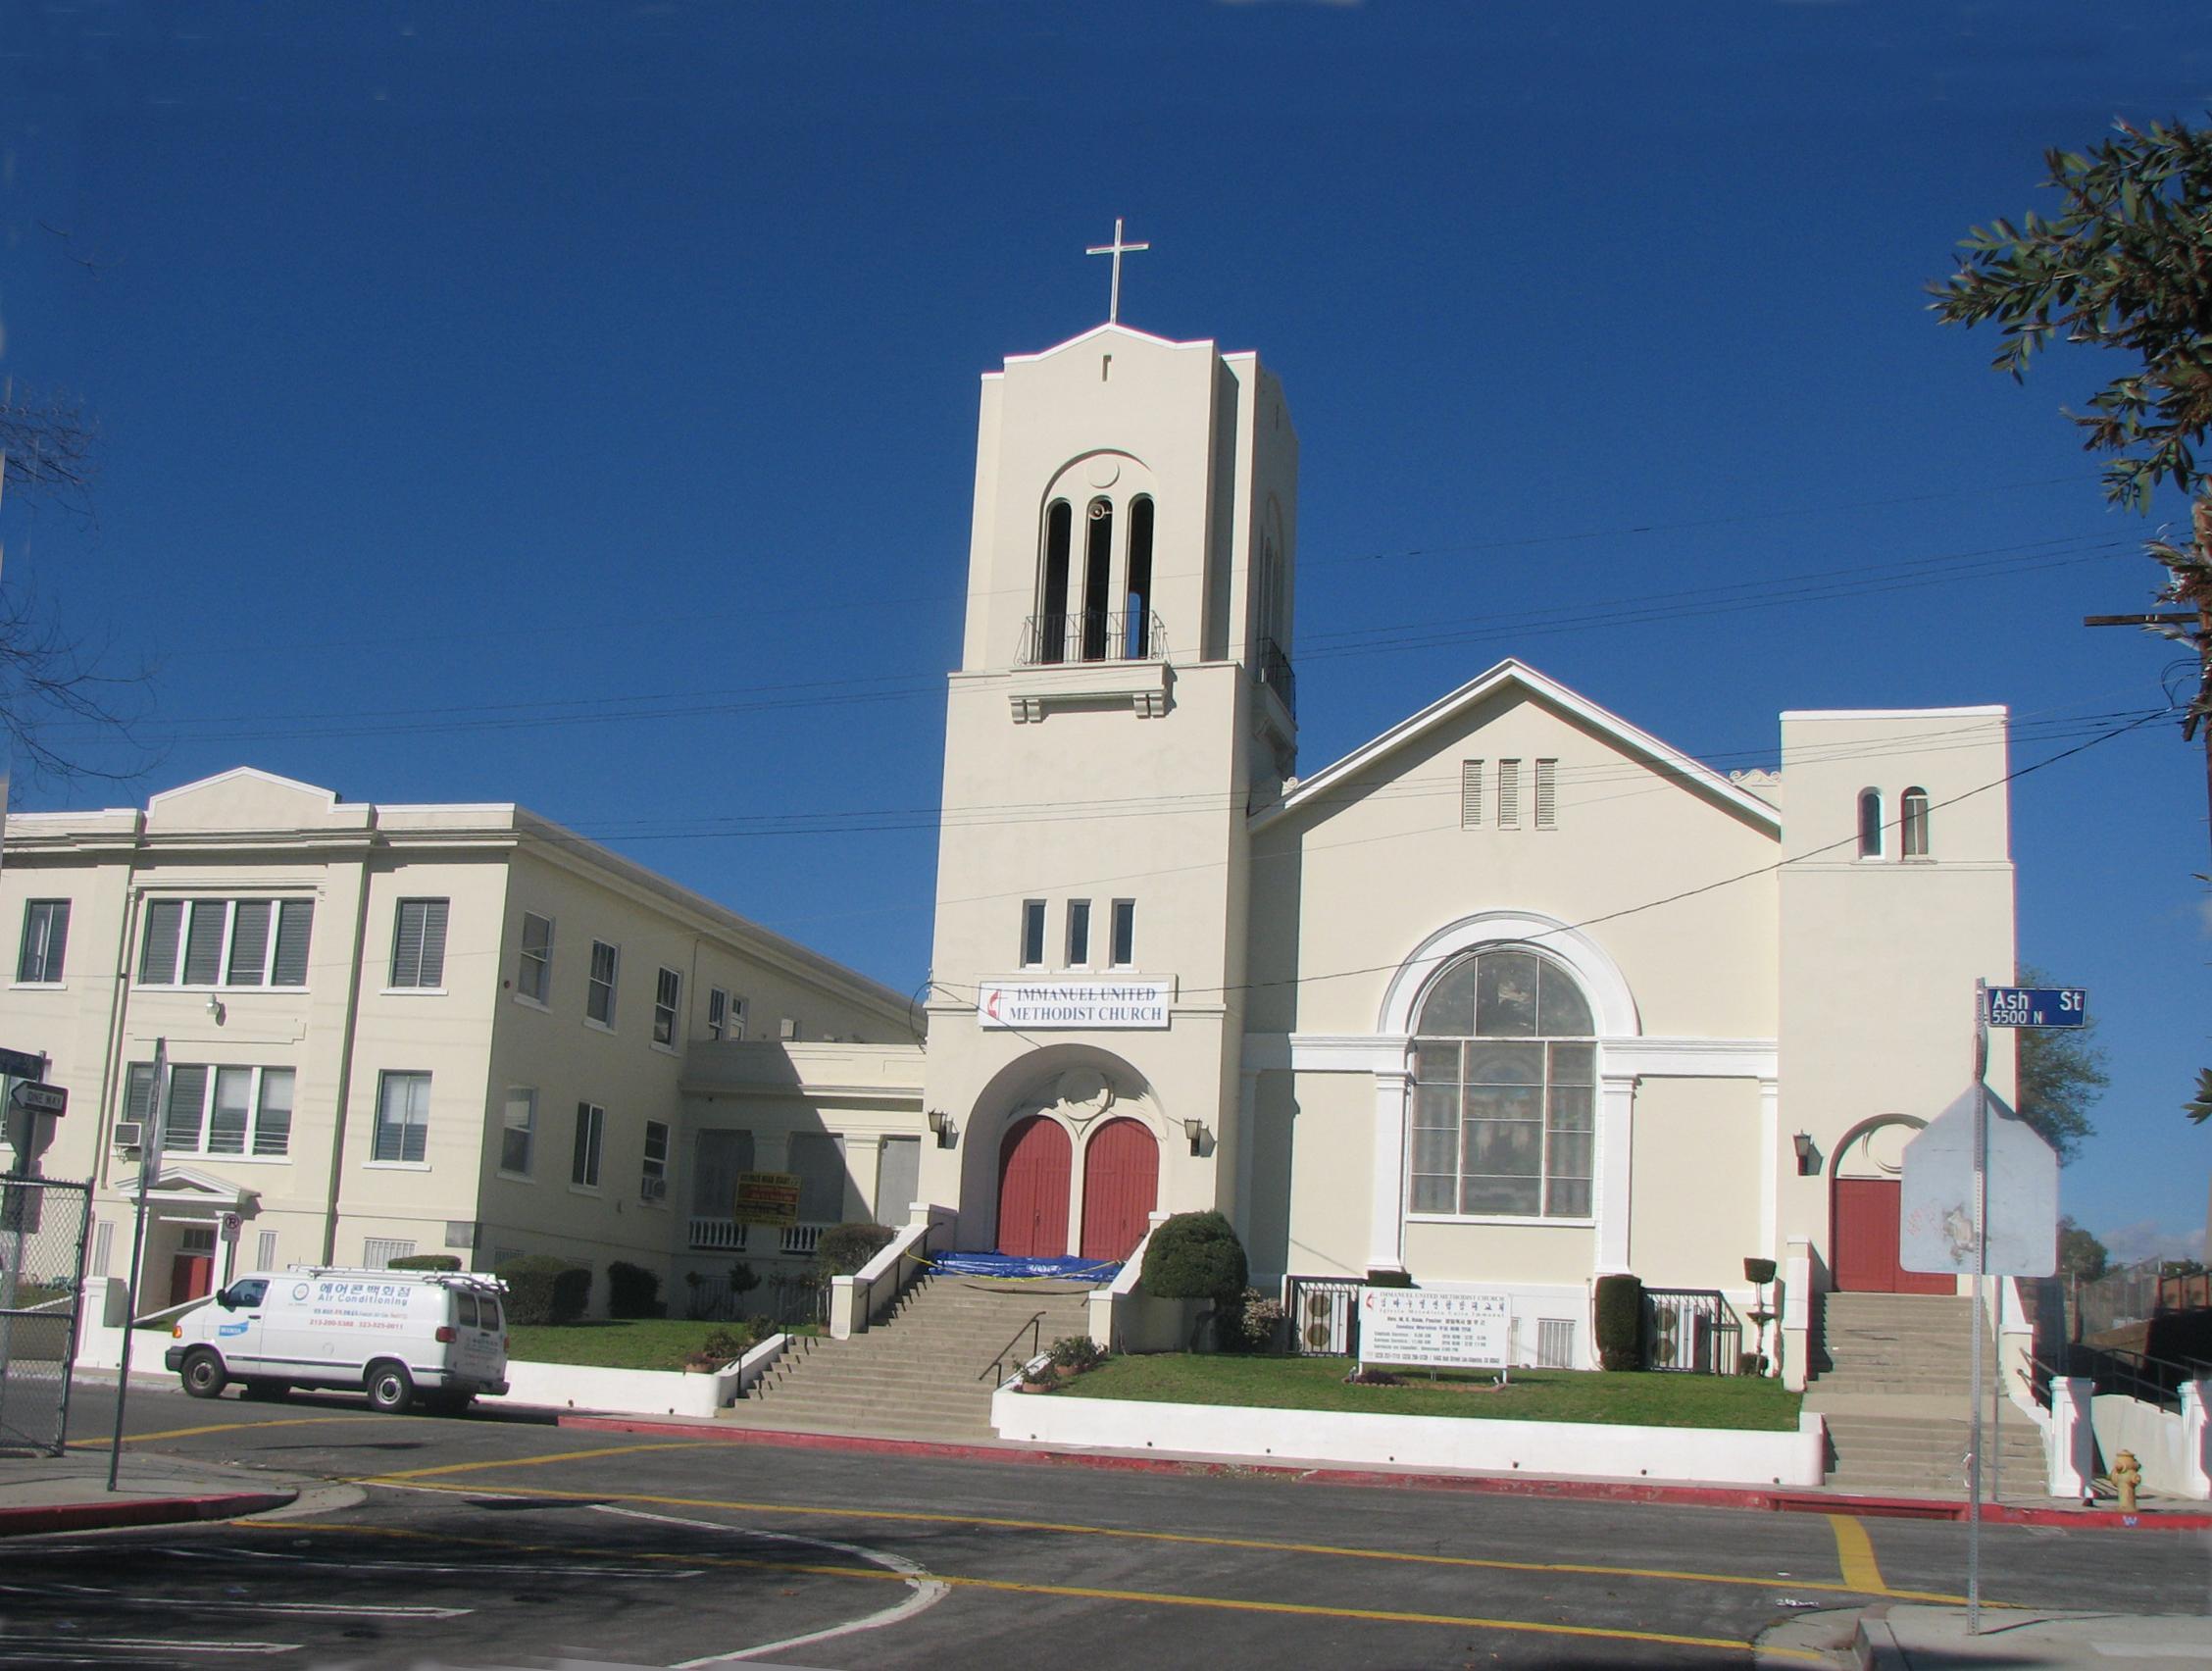 Immanuel United Methodist Church and School